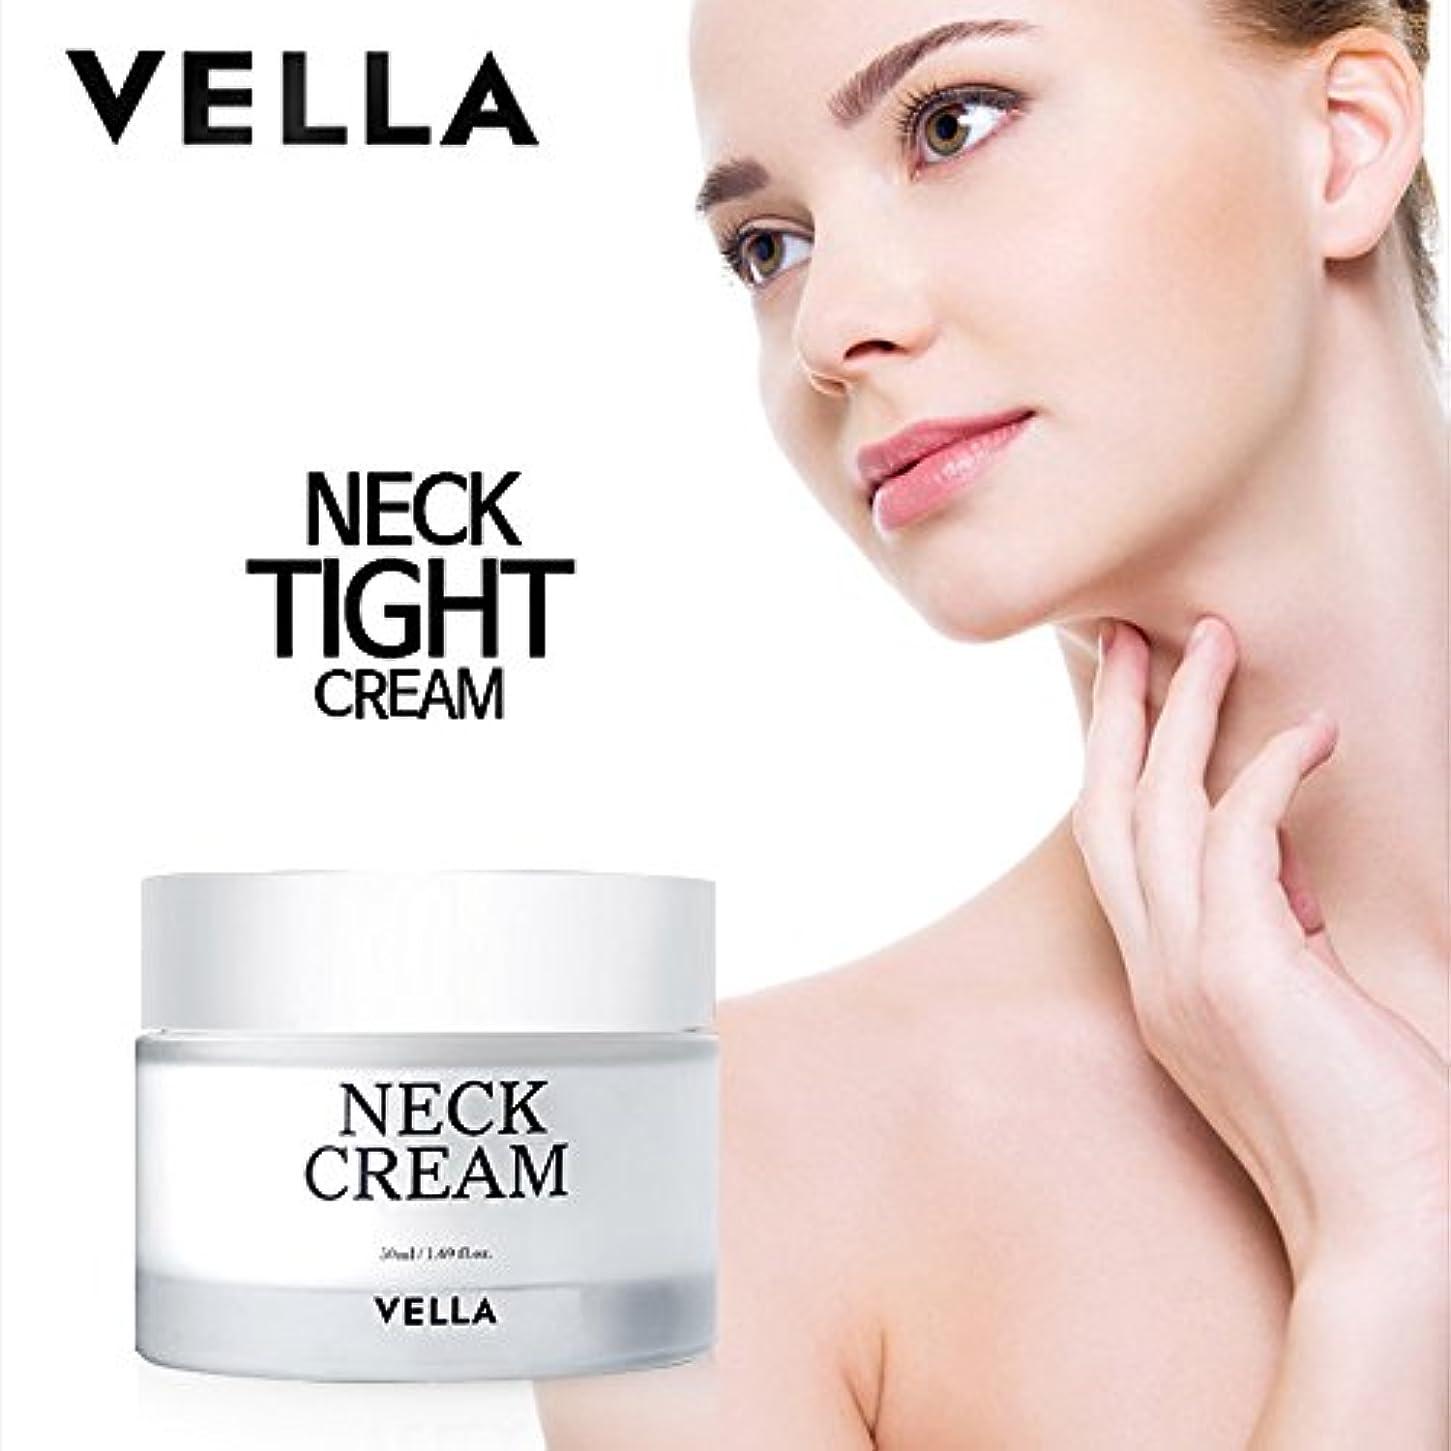 慎重豚肉僕のVELLA Anti Wrinkle & Whitening Strong Neck Cream(体がキレイvella首専用のクリーム) 50ml [並行輸入品]